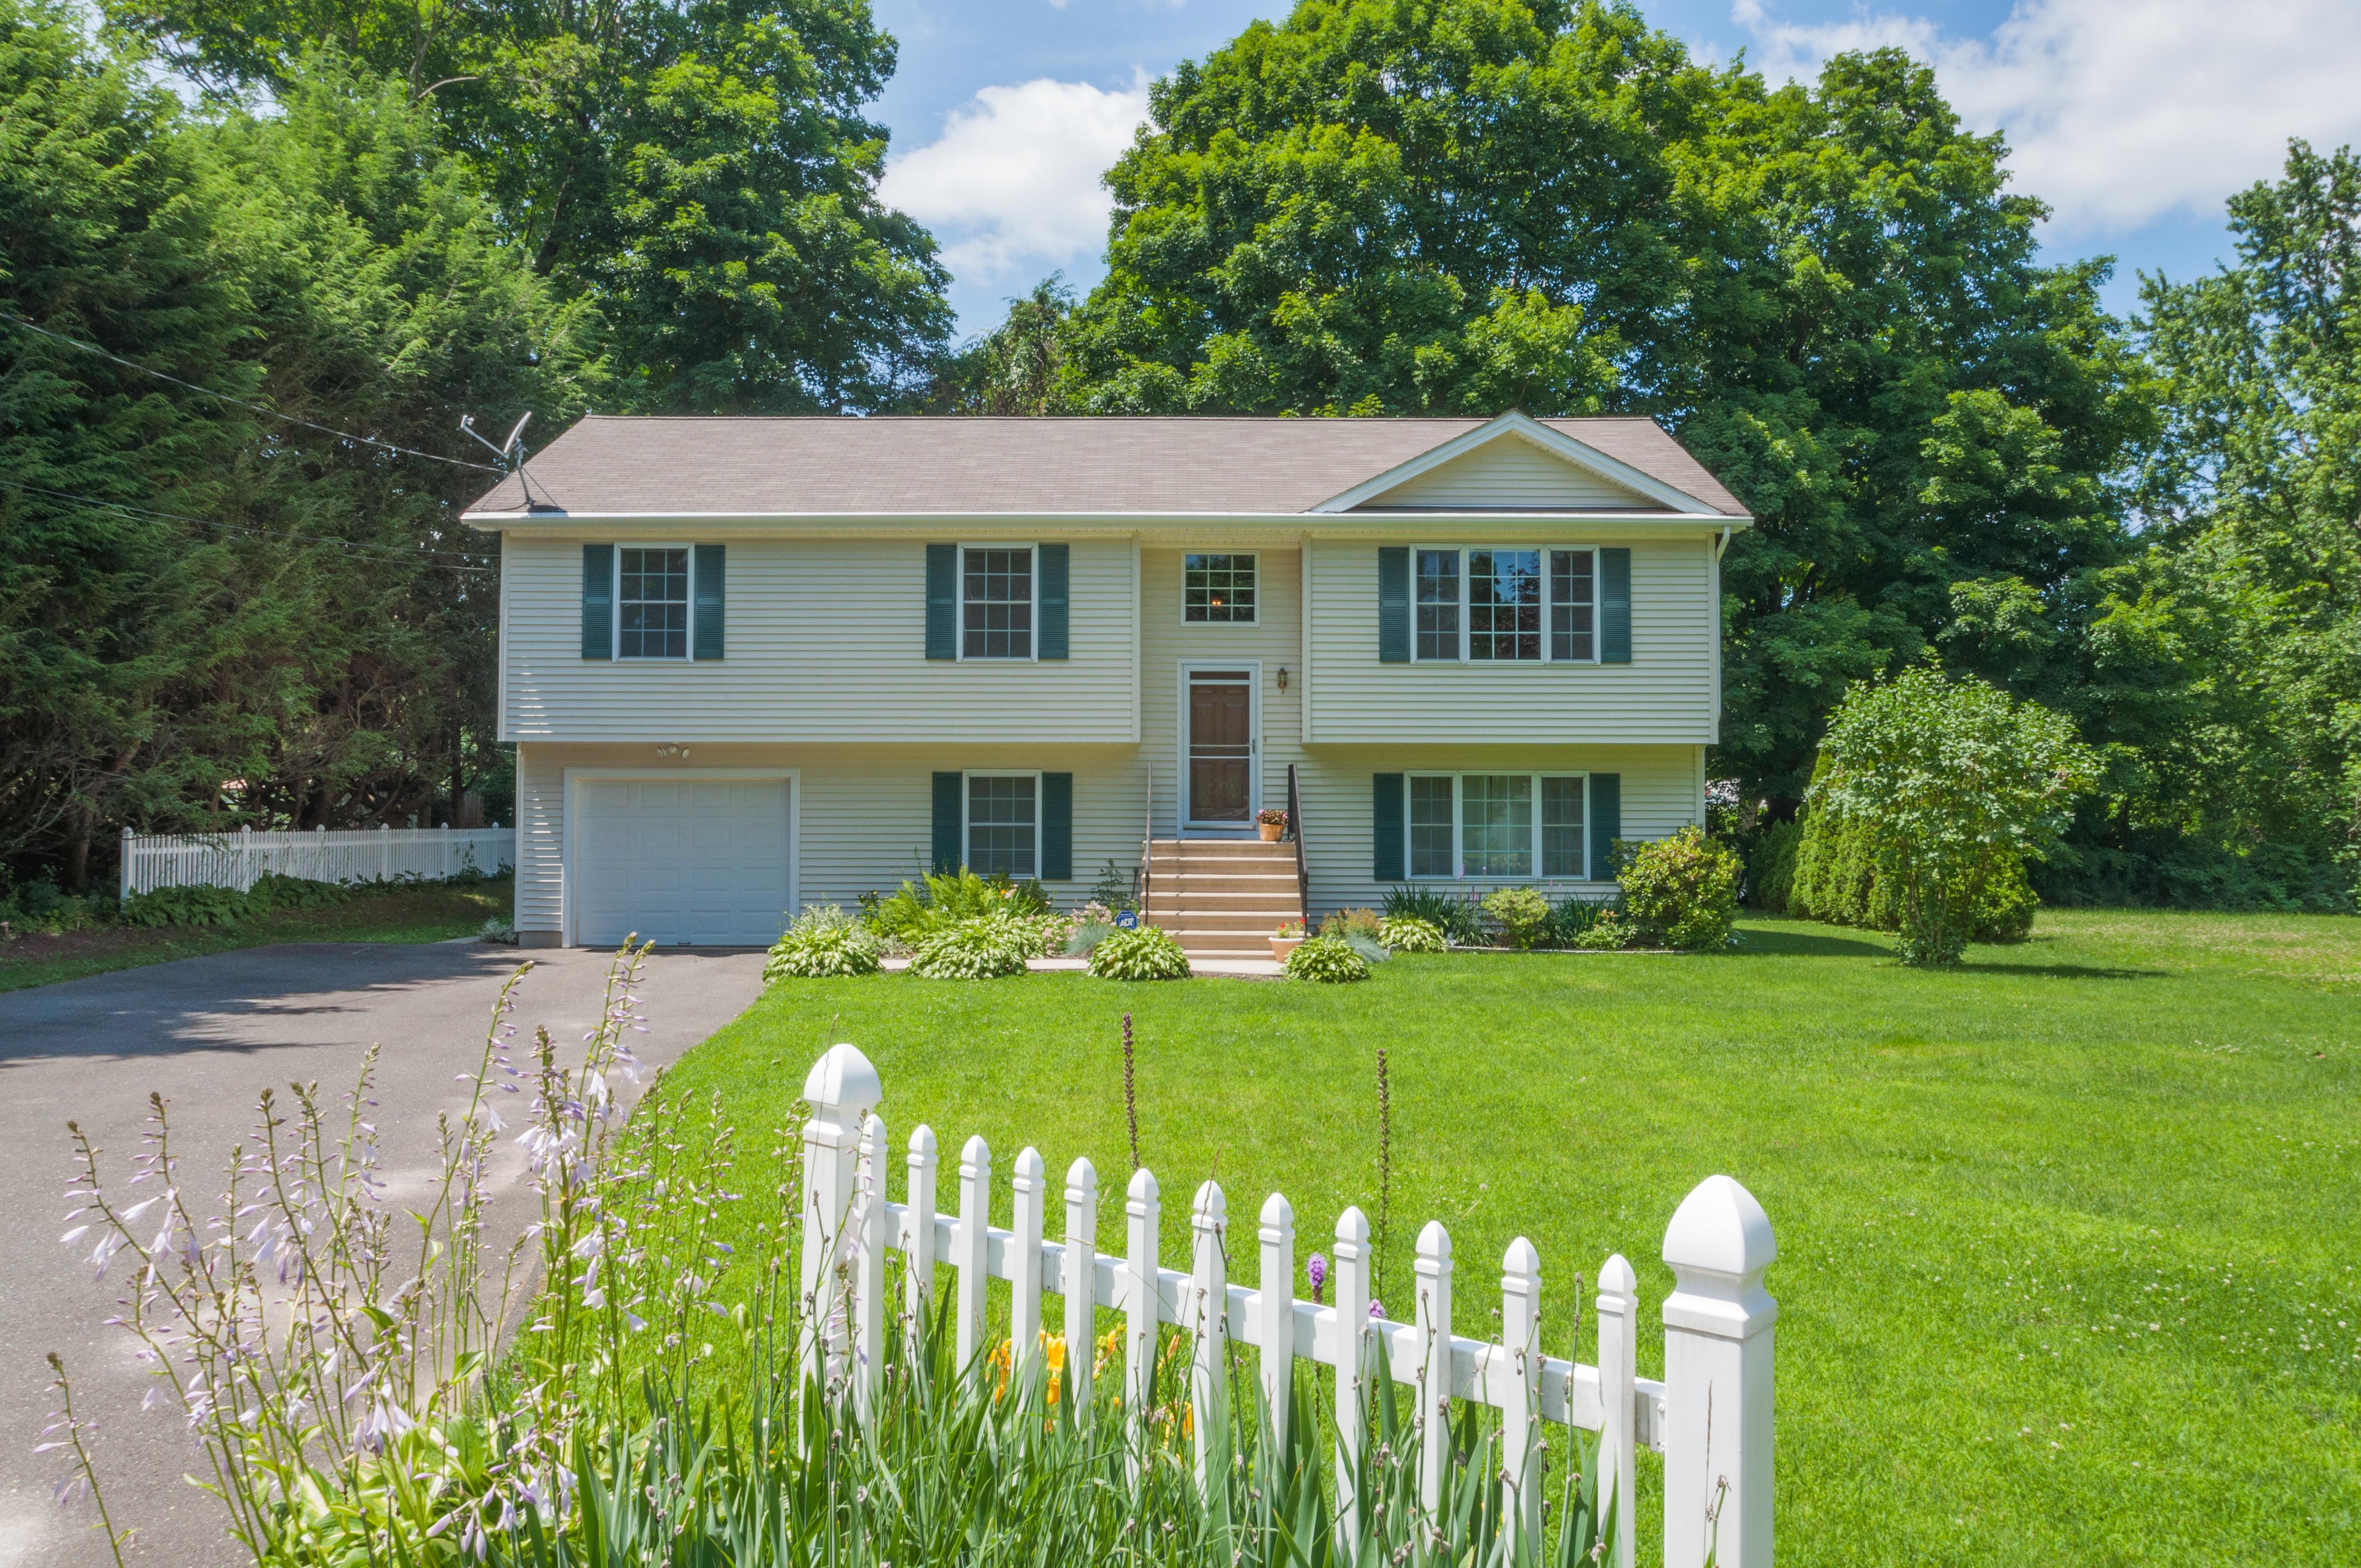 Nhà ở một gia đình vì Bán tại Quality Construction 2 Elizabeth Road Danbury, Connecticut 06811 Hoa Kỳ